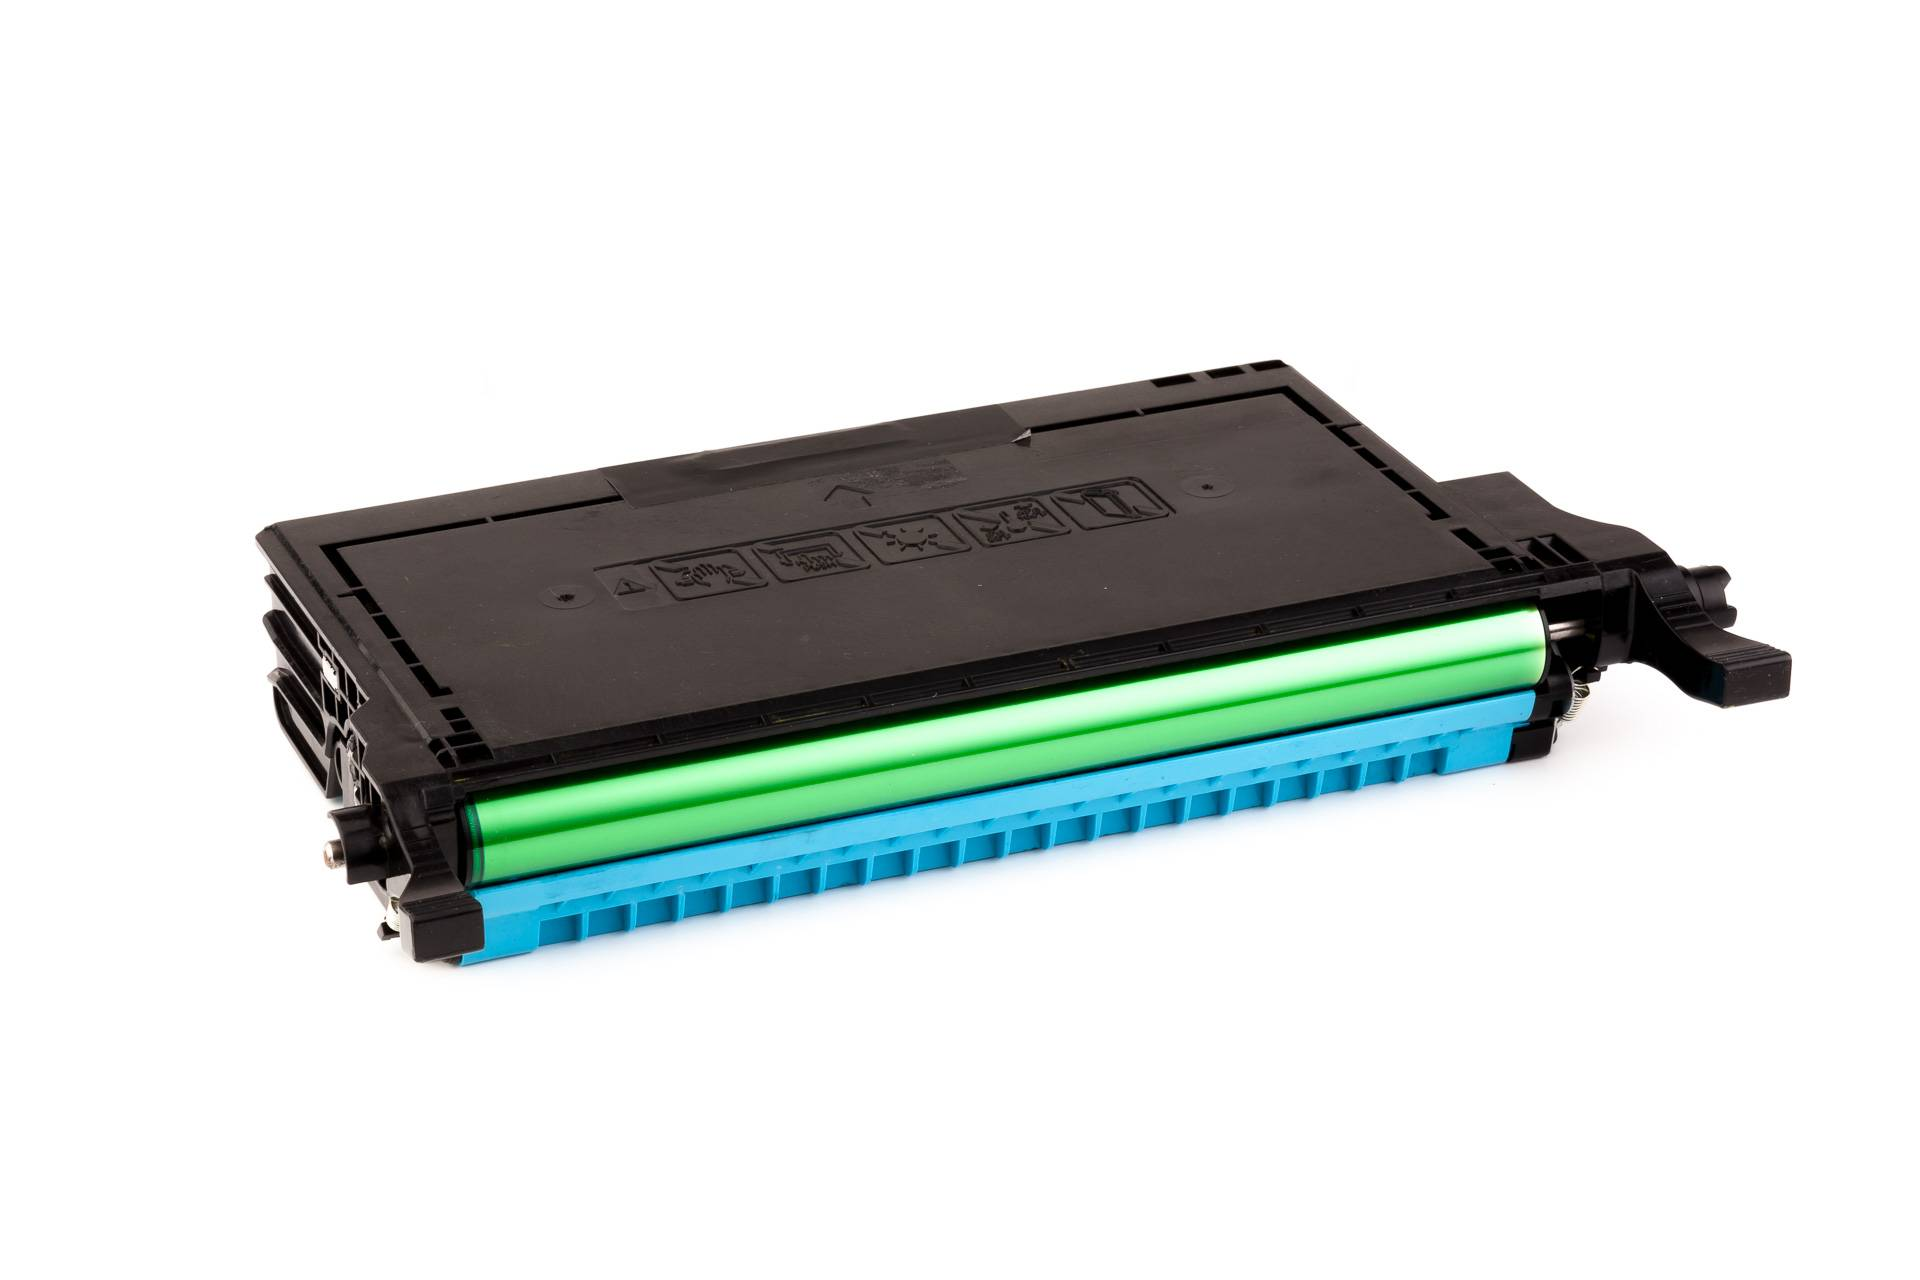 Dell Cartouche de Toner pour Dell 59310369 / P587K cyan compatible (de marque ASC)